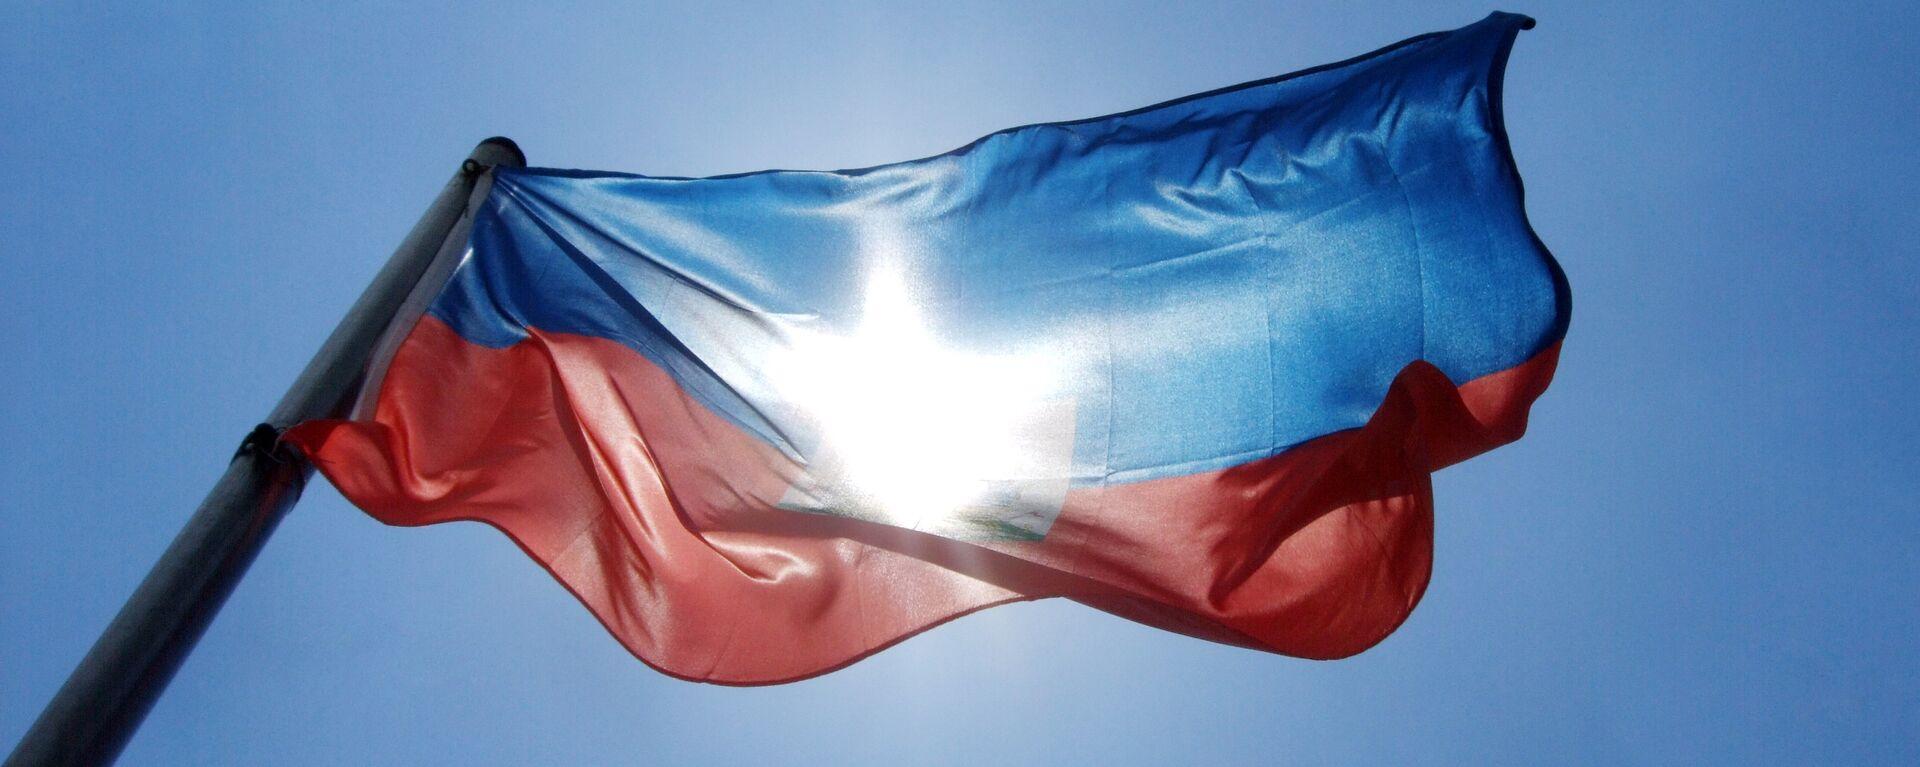 La bandera de Haití - Sputnik Mundo, 1920, 13.10.2021